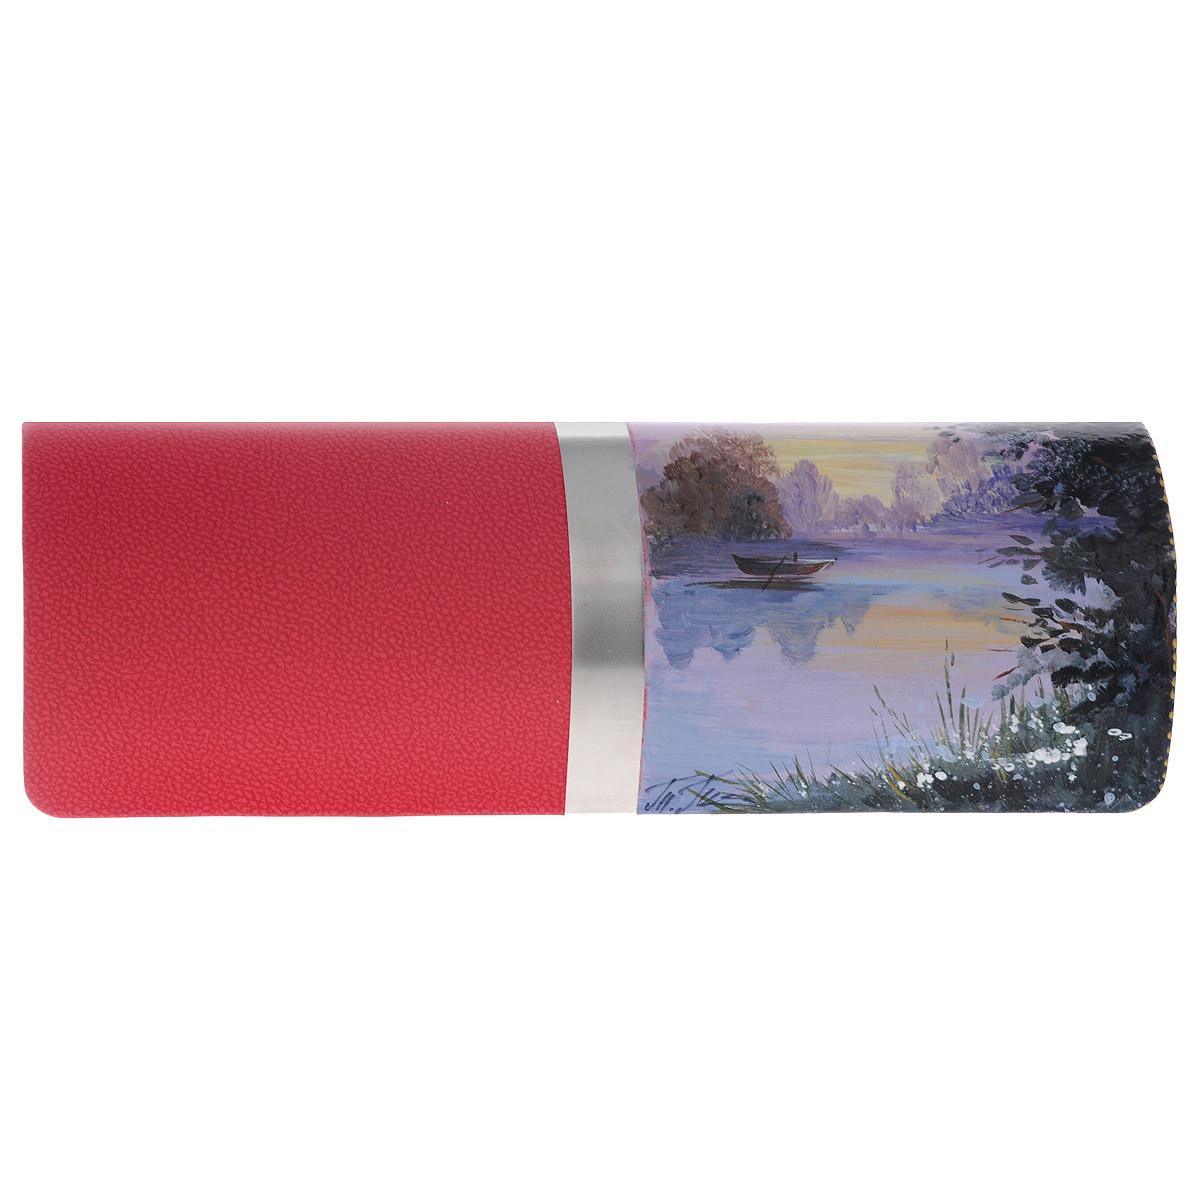 Футляр для очков Феодора Рассвет, цвет: красный. Ручная росписьFM-1004-RКрСтильный футляр для очков Феодора Рассвет выполнен из искусственной кожи и расписан вручную акриловыми красками. Лицевая сторона оформлена металлической вставкой. Очечник закрывается клапаном на скрытый магнит. Внутренняя часть изделия оформлена мягким текстильным материалом. Такой футляр станет замечательным подарком человеку, ценящему качественные и полезные вещи.